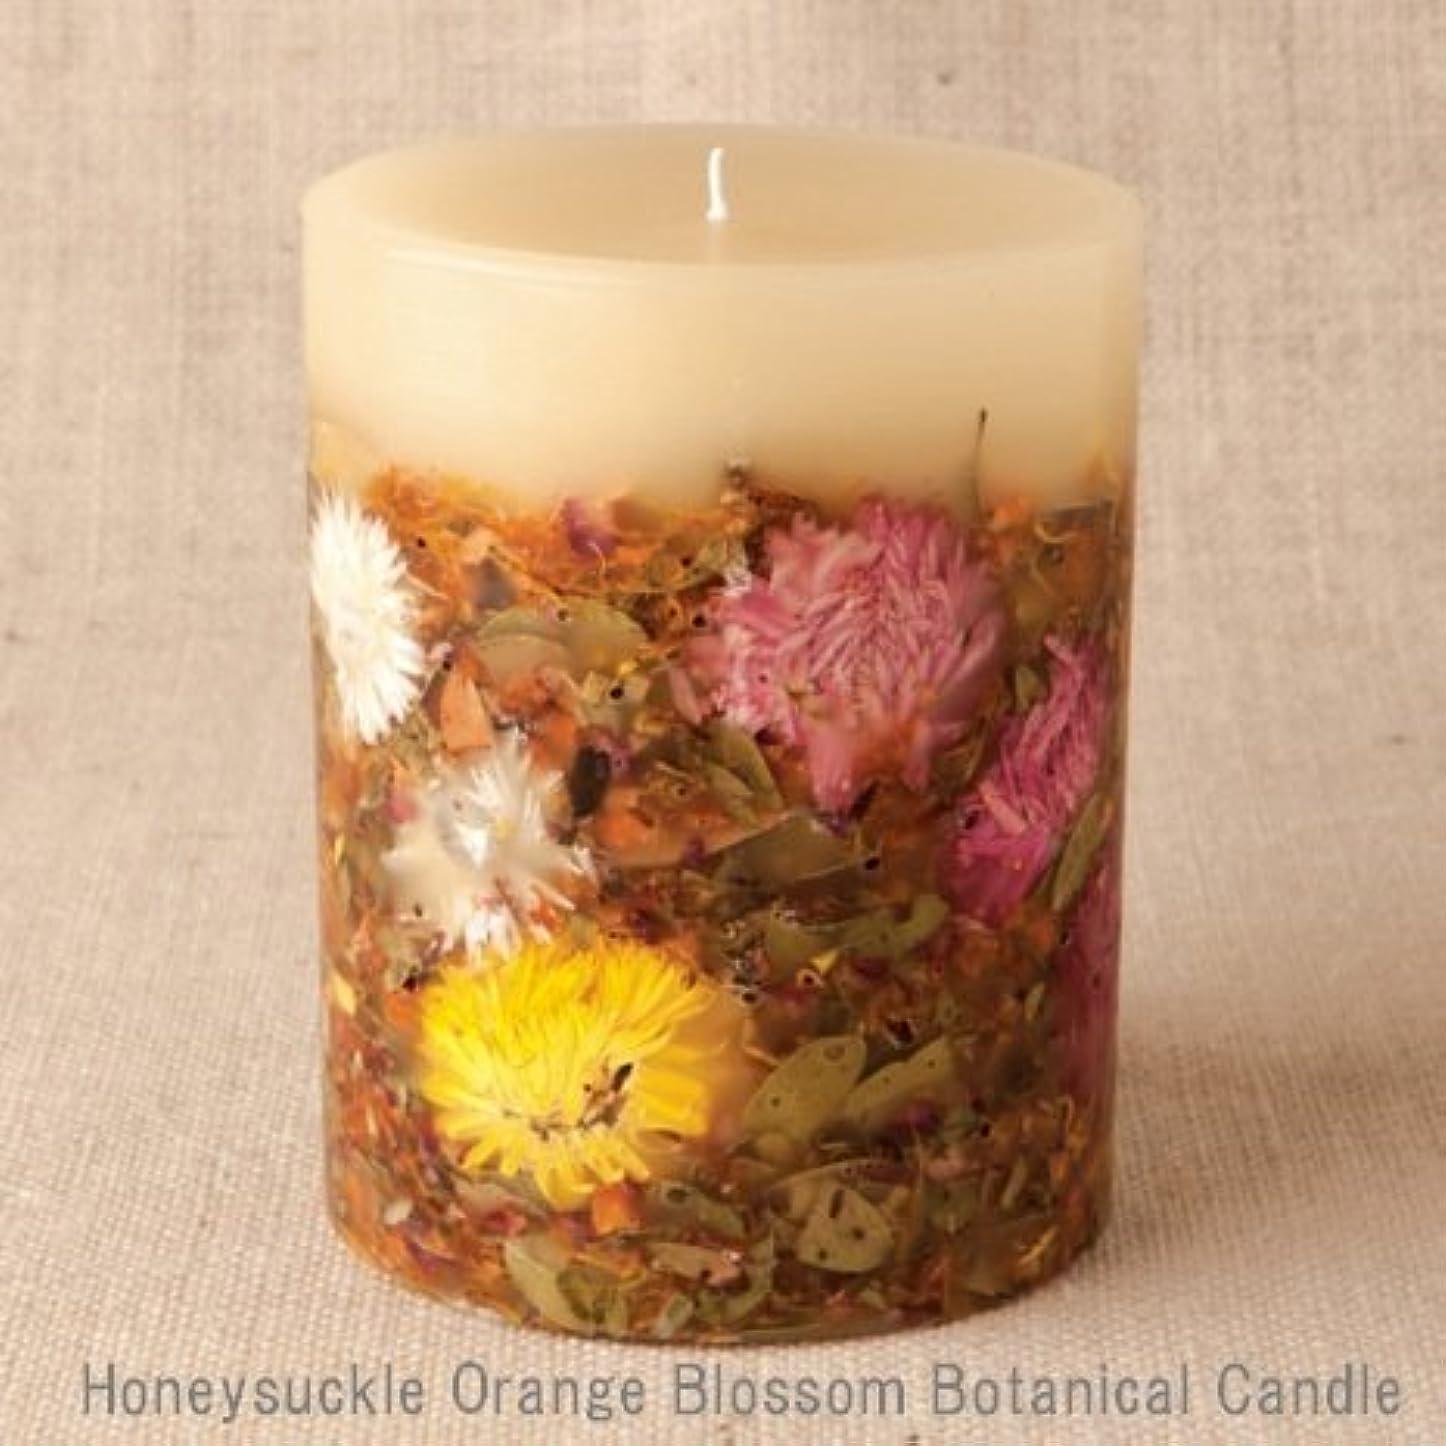 フラフープりんご買い手【Rosy Rings ロージーリングス】 Botanical candle キャンドル ハニーサックルオレンジ&ブロッサム